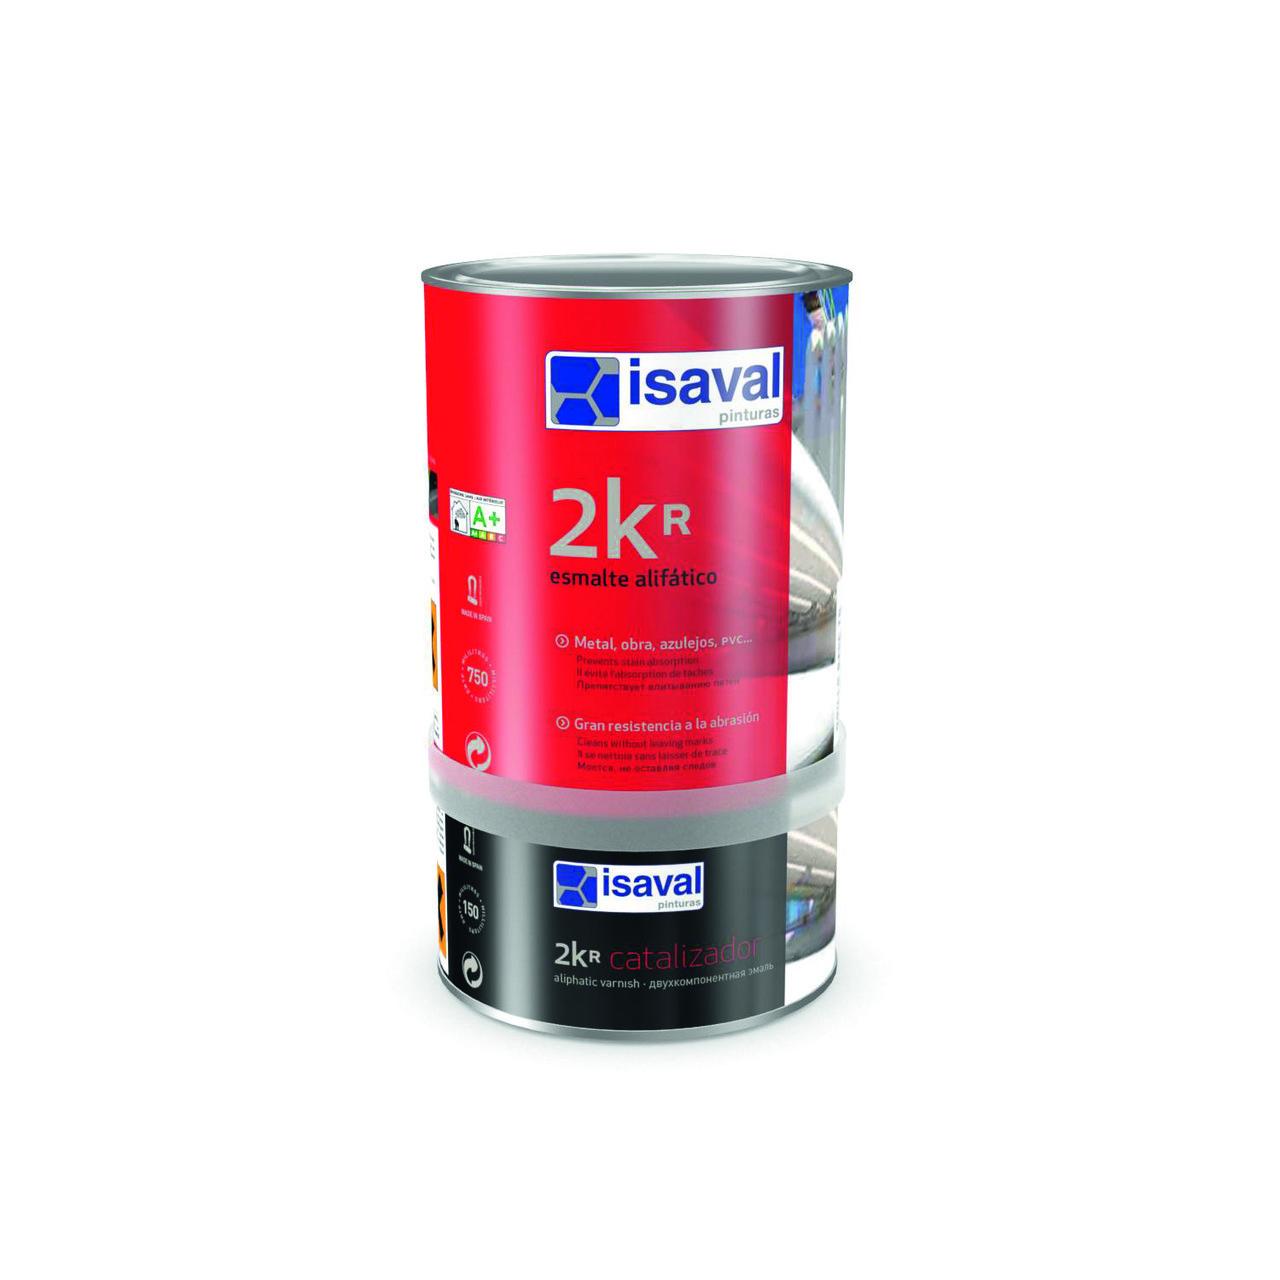 Прозрачная эмаль-лак для покраски множества различных поверхностей 2Кр 0,75л ISAVAL